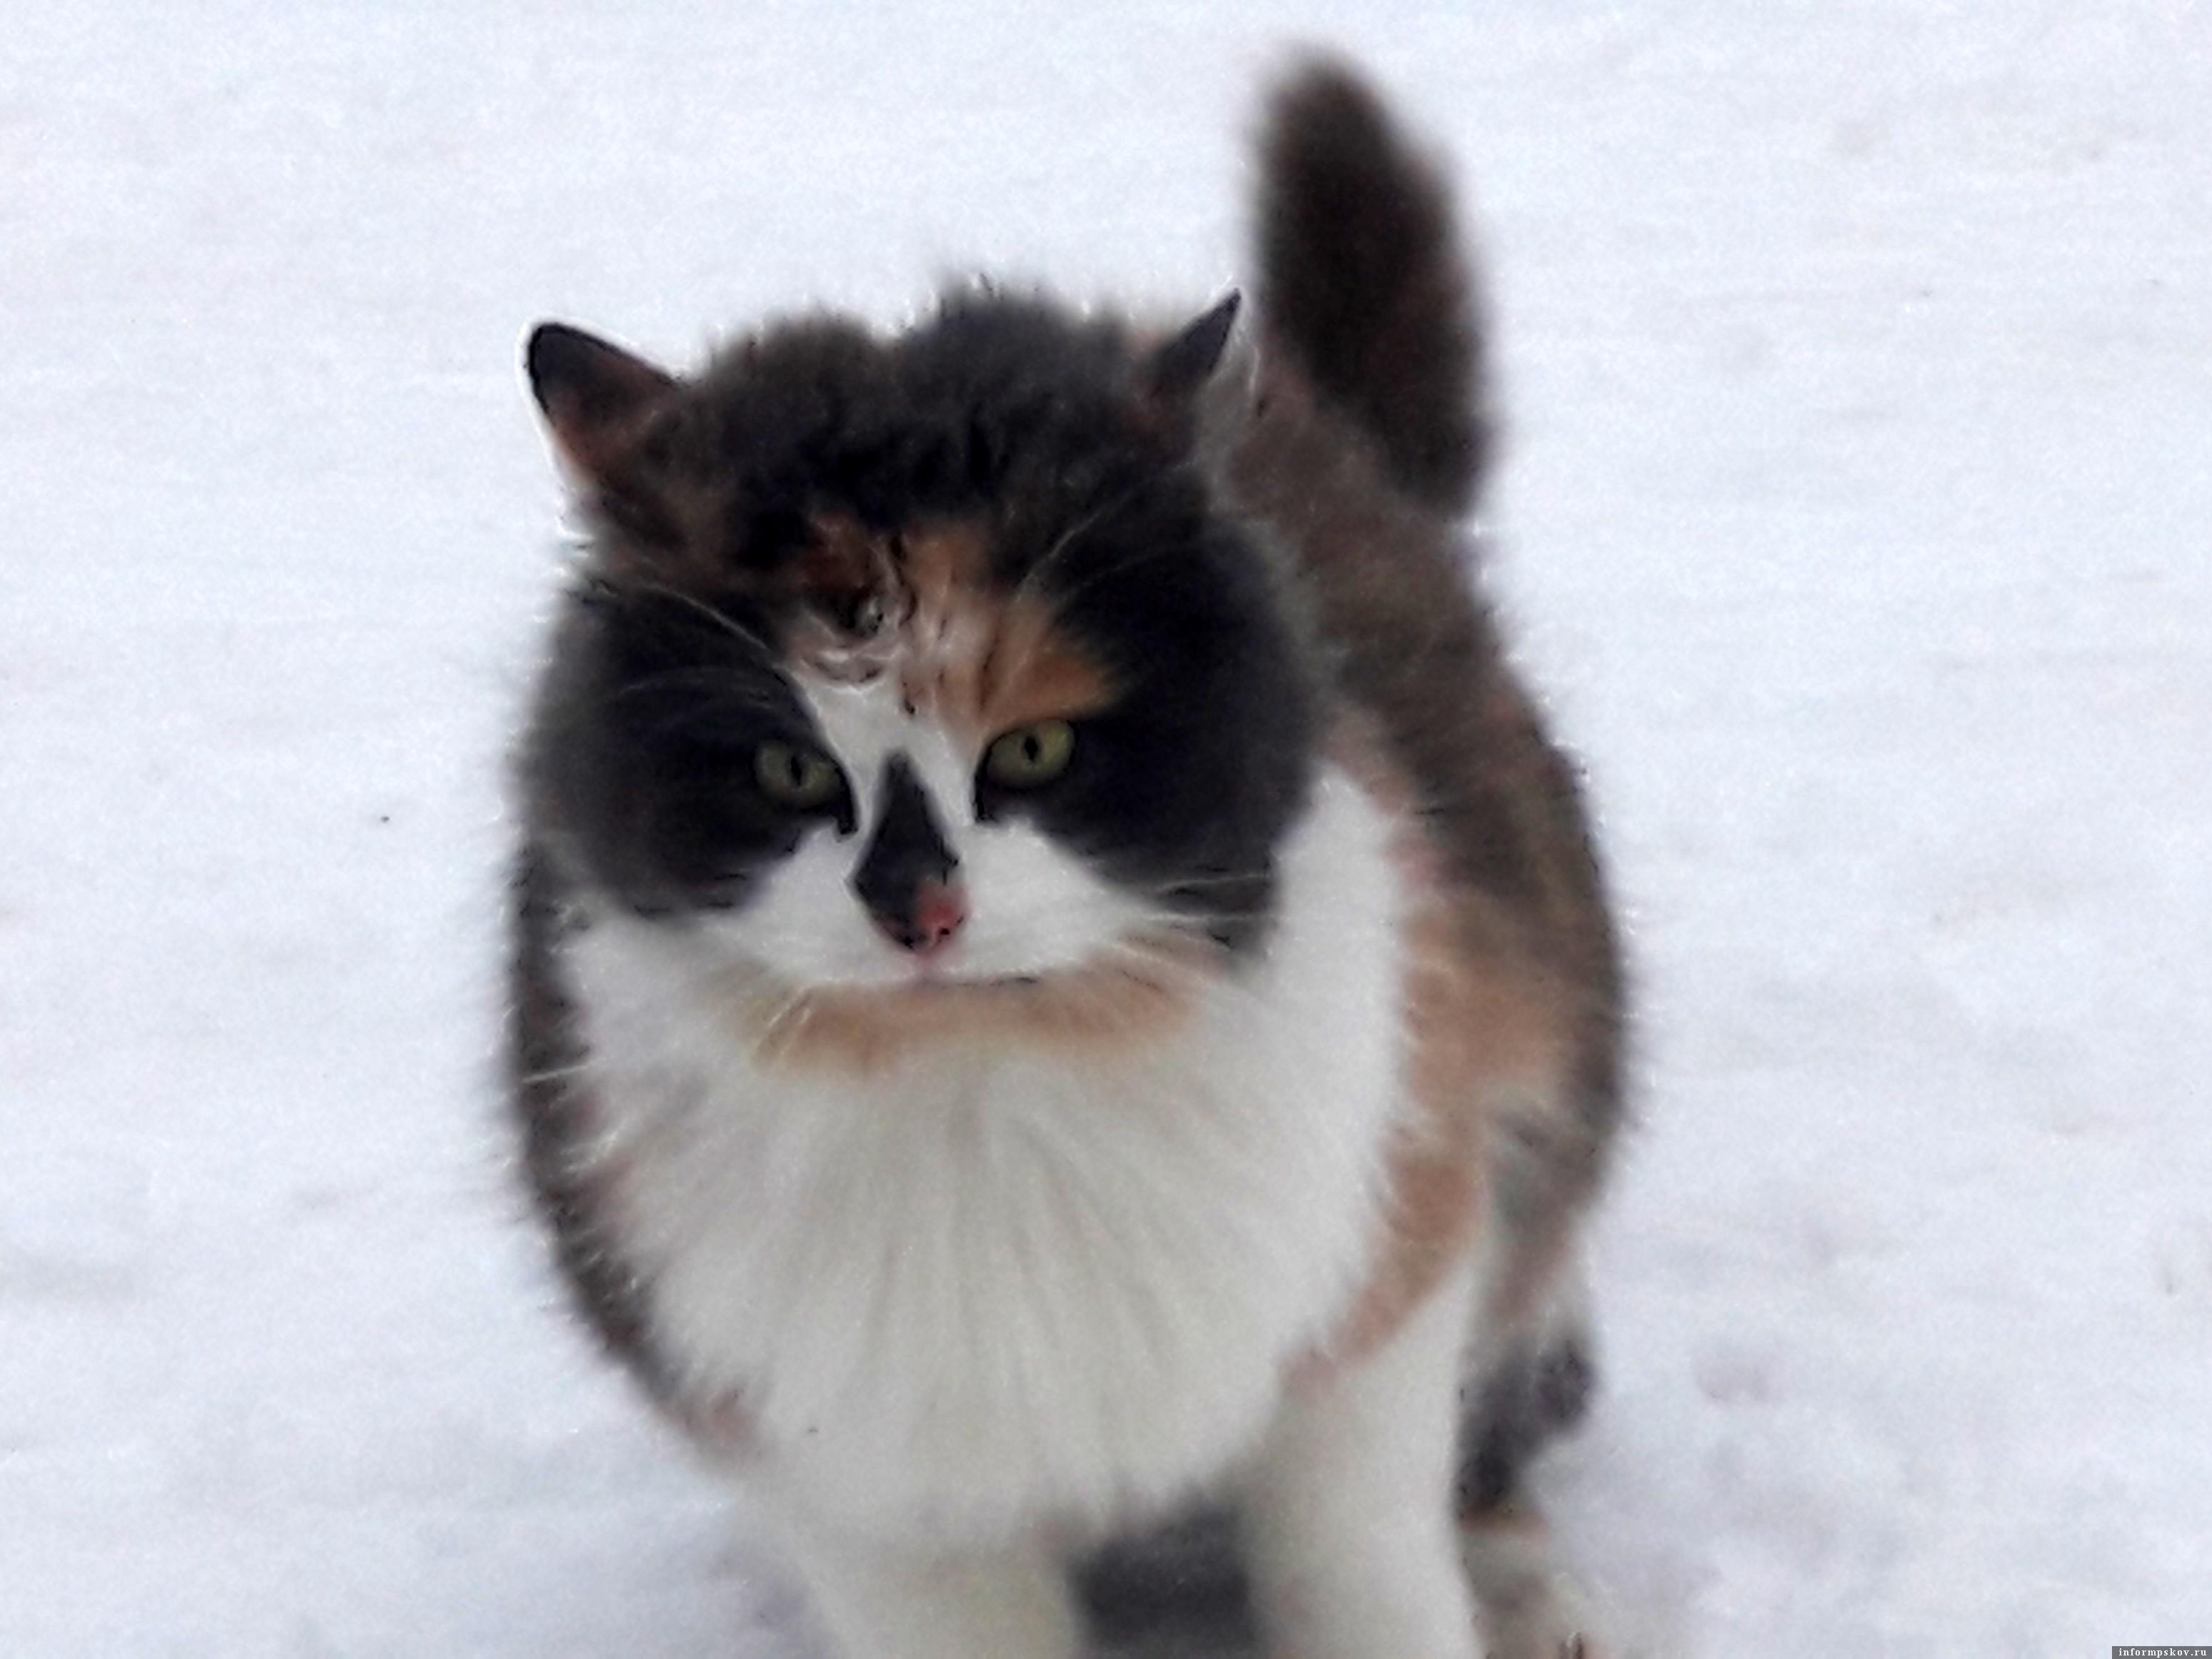 Для кота из Островцов теперь каждый день – масленица, рыболовы в угощении ему не отказывают. Фото автора.